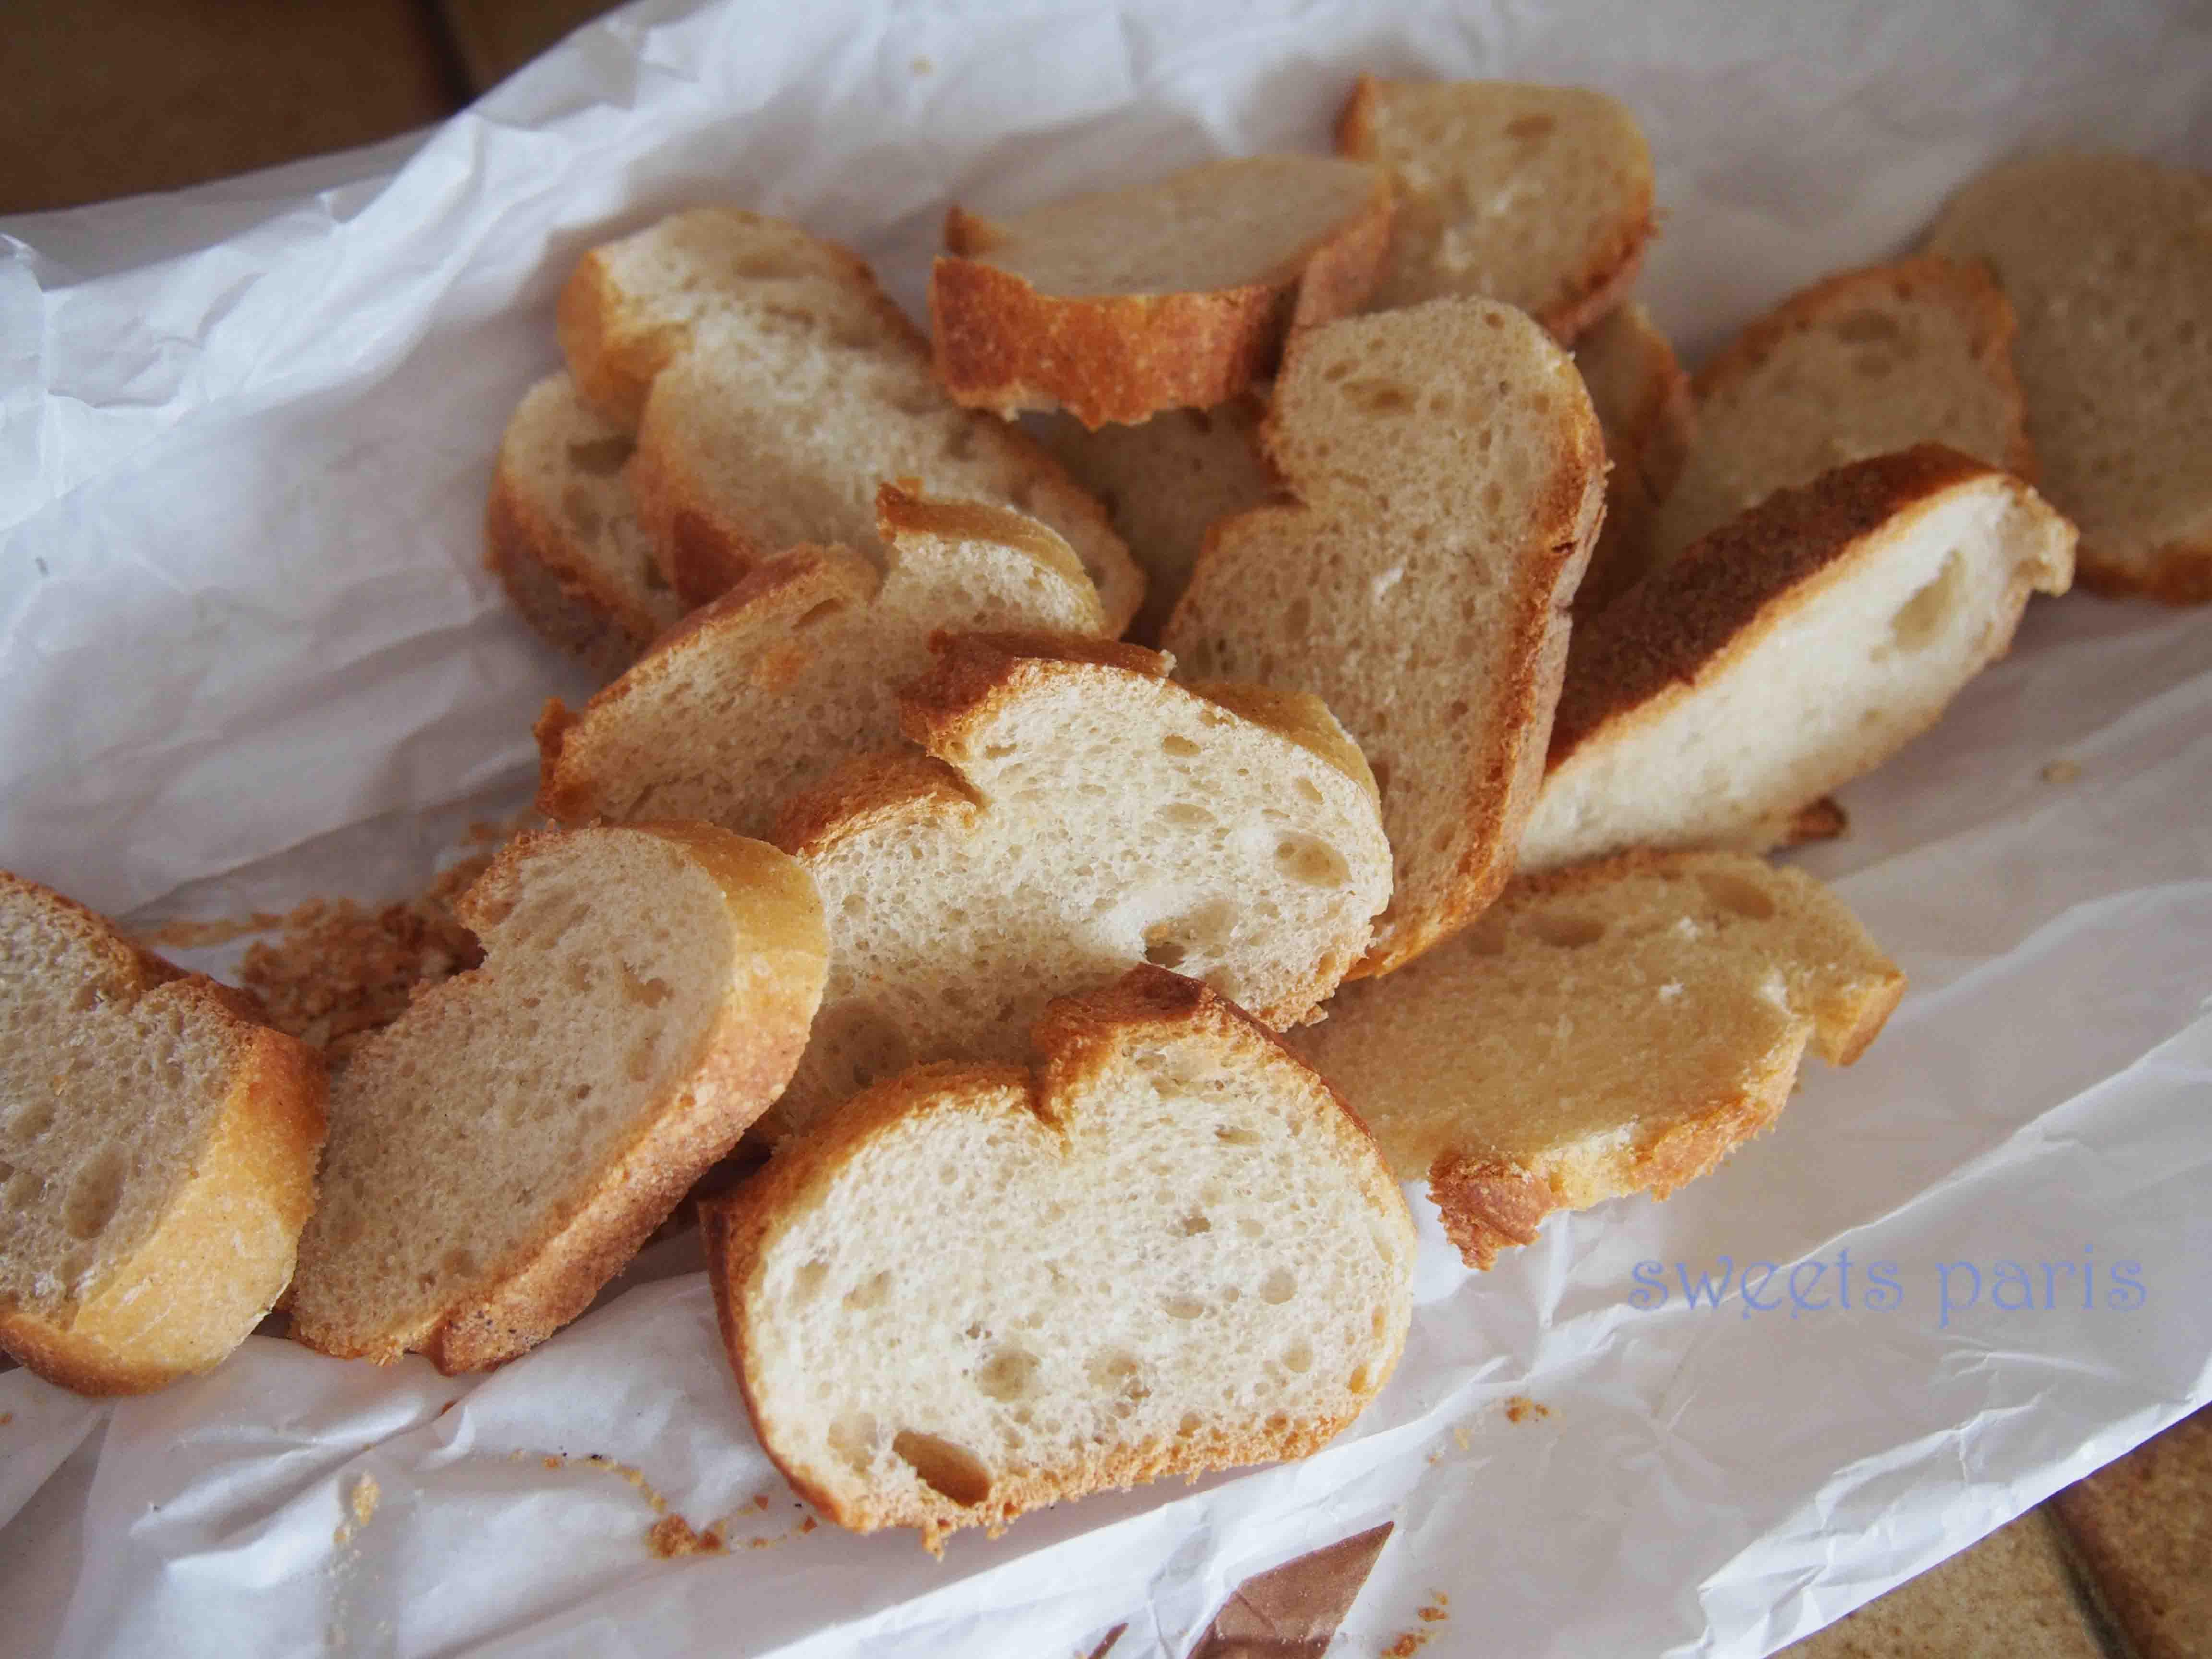 ラスクの作りかた*パンが乾燥したら